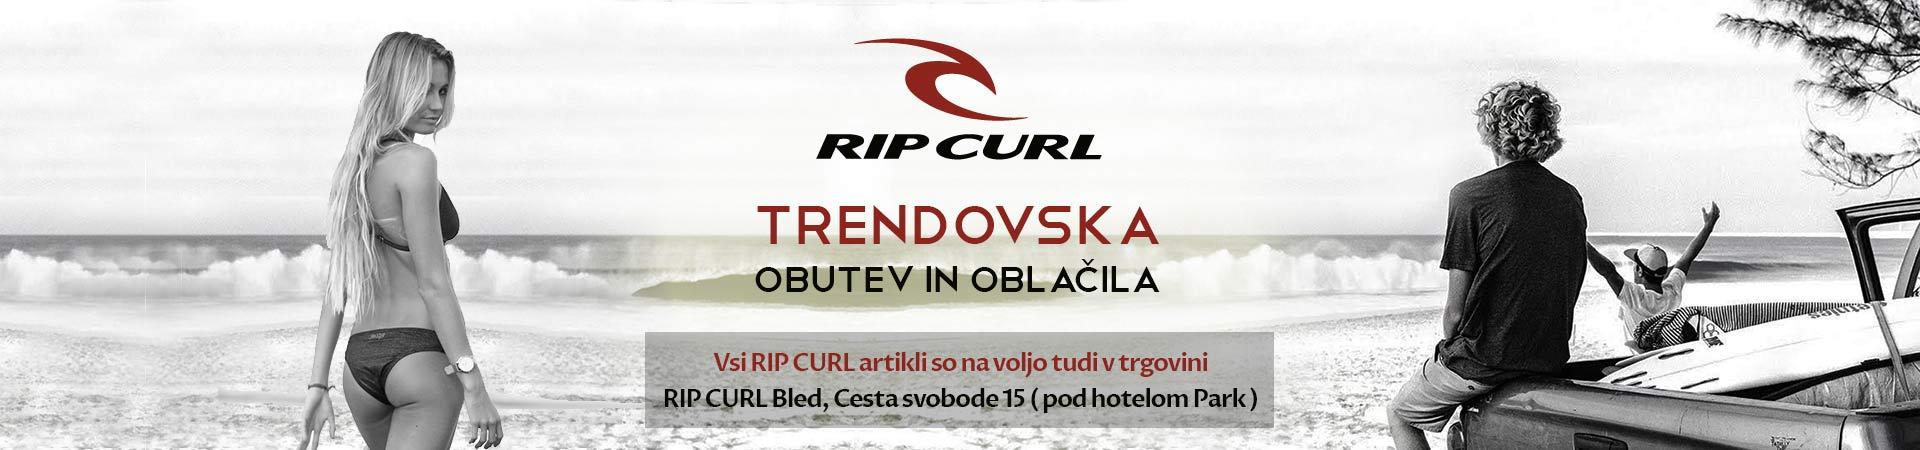 pasica-rip-curl11